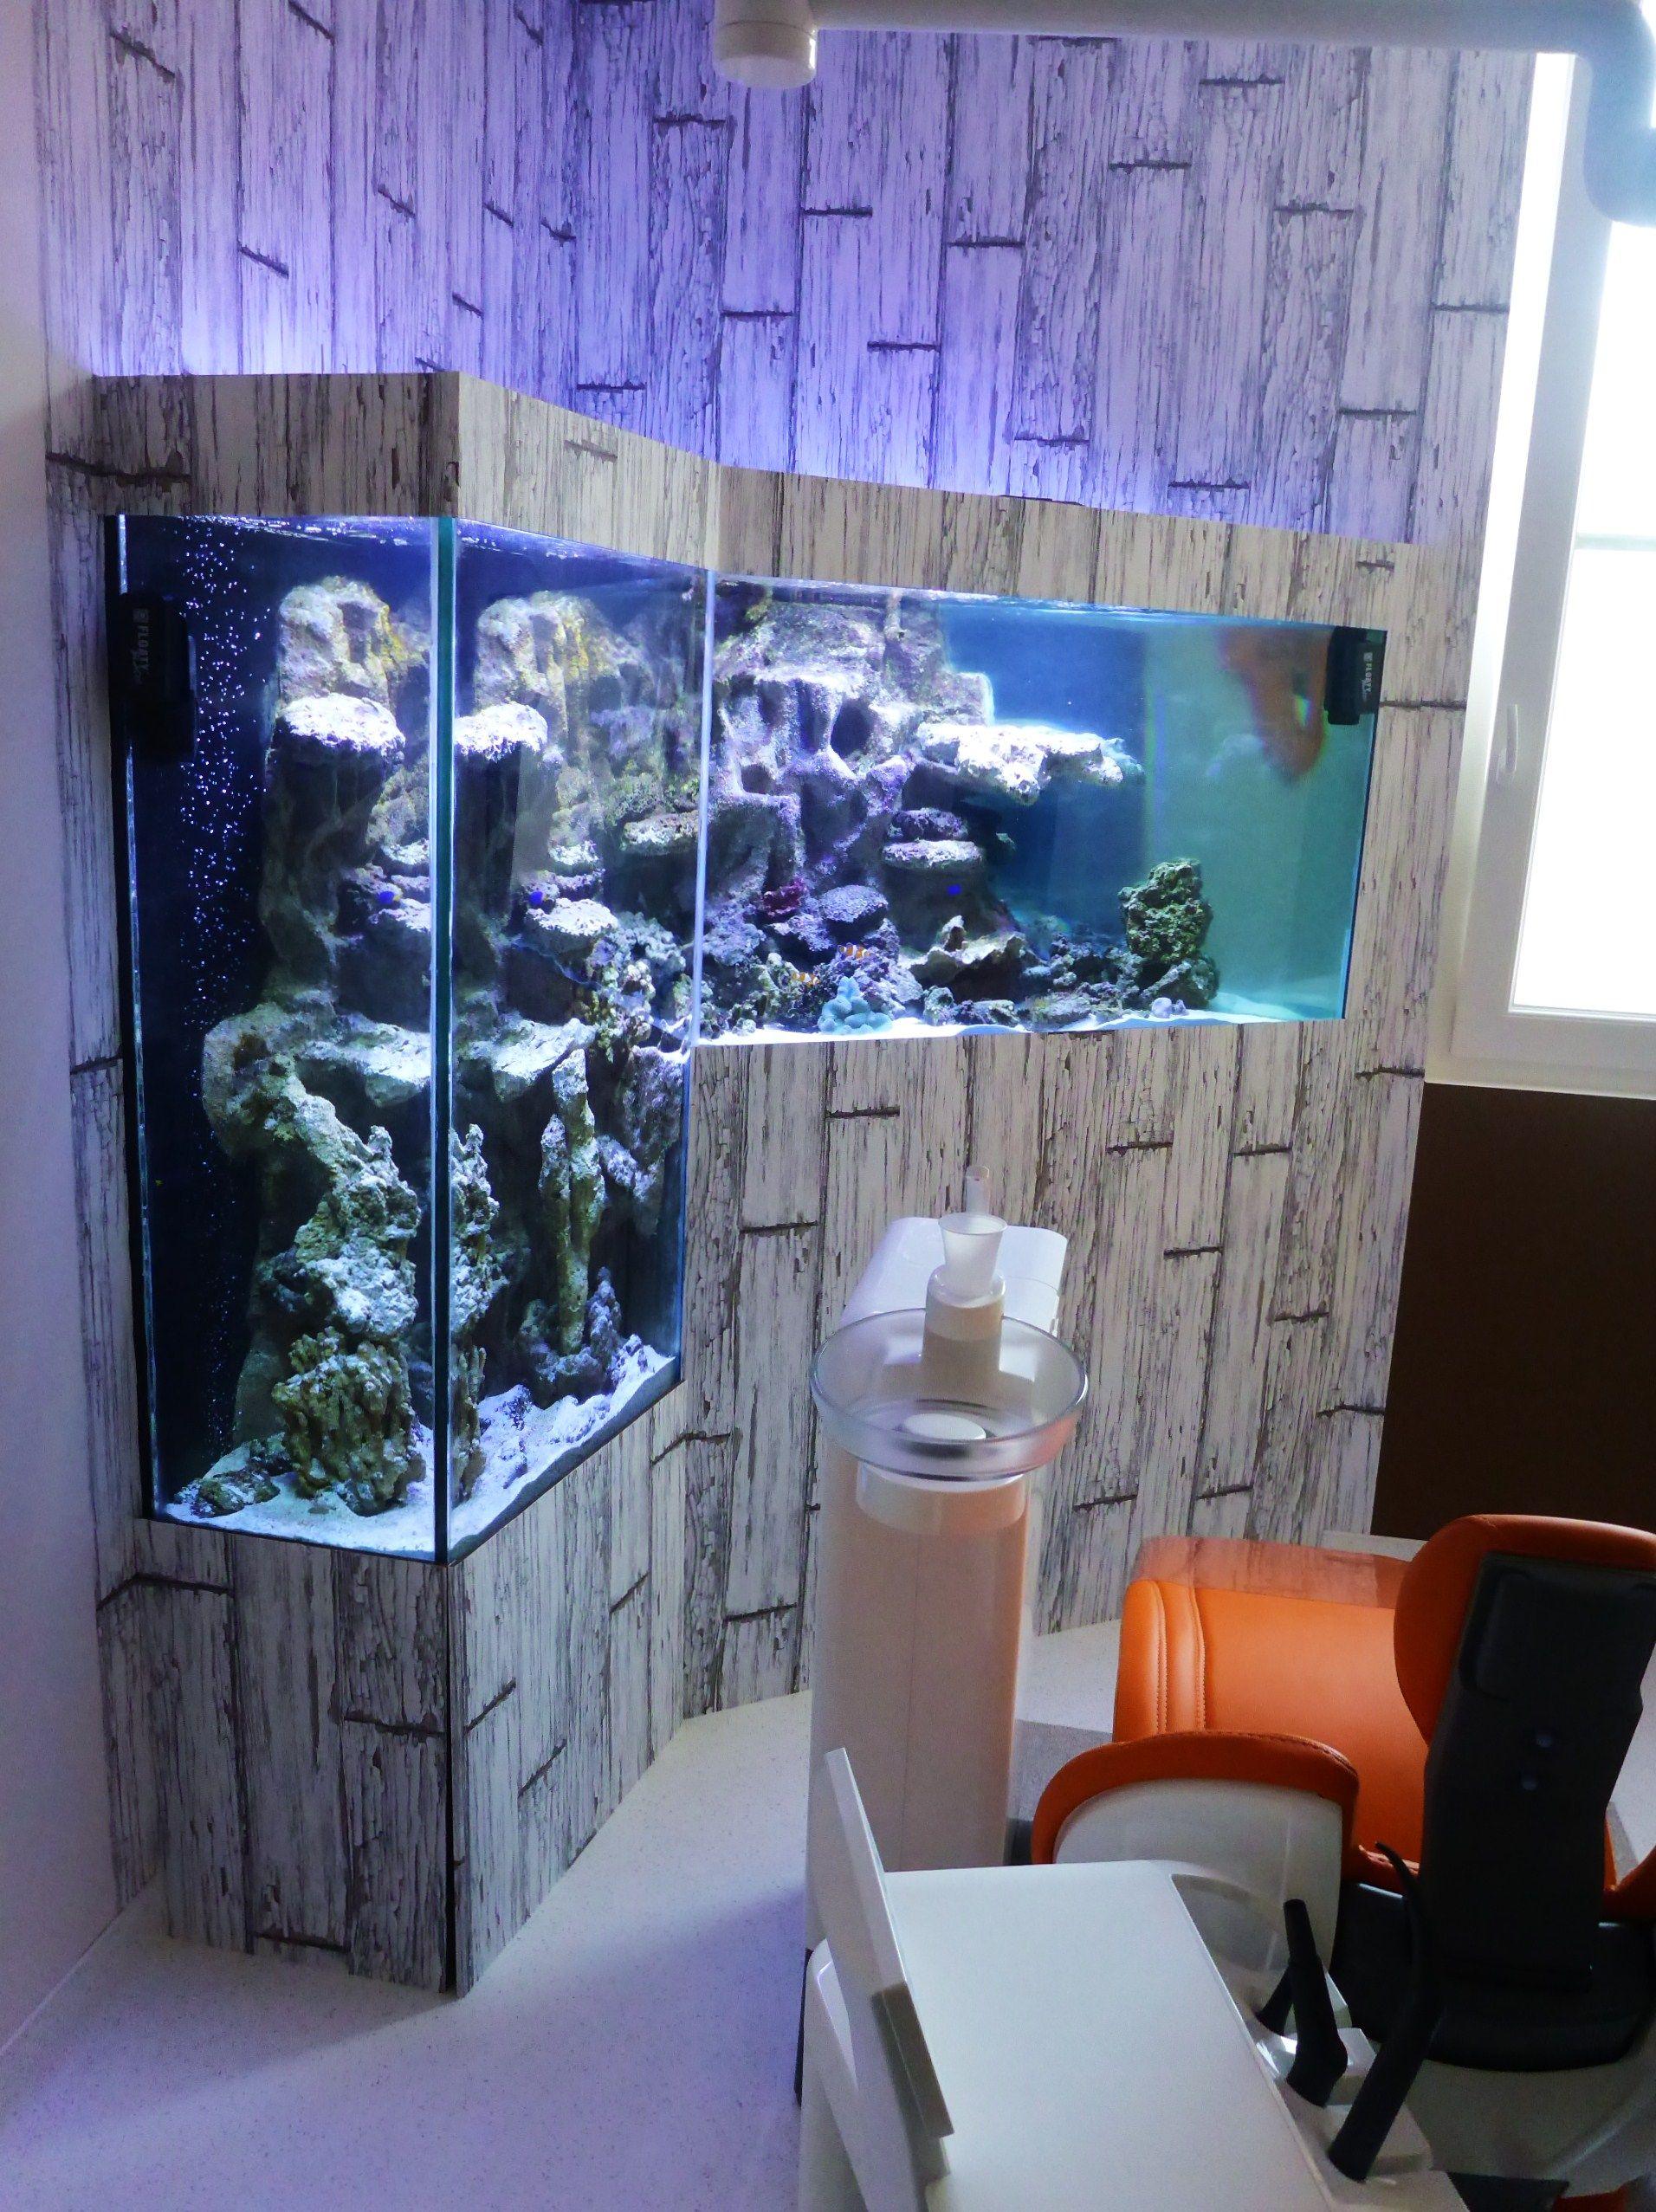 b44950650b805475b9f5832fdcb09f82 Frais De Fabriquer Aquarium Concept